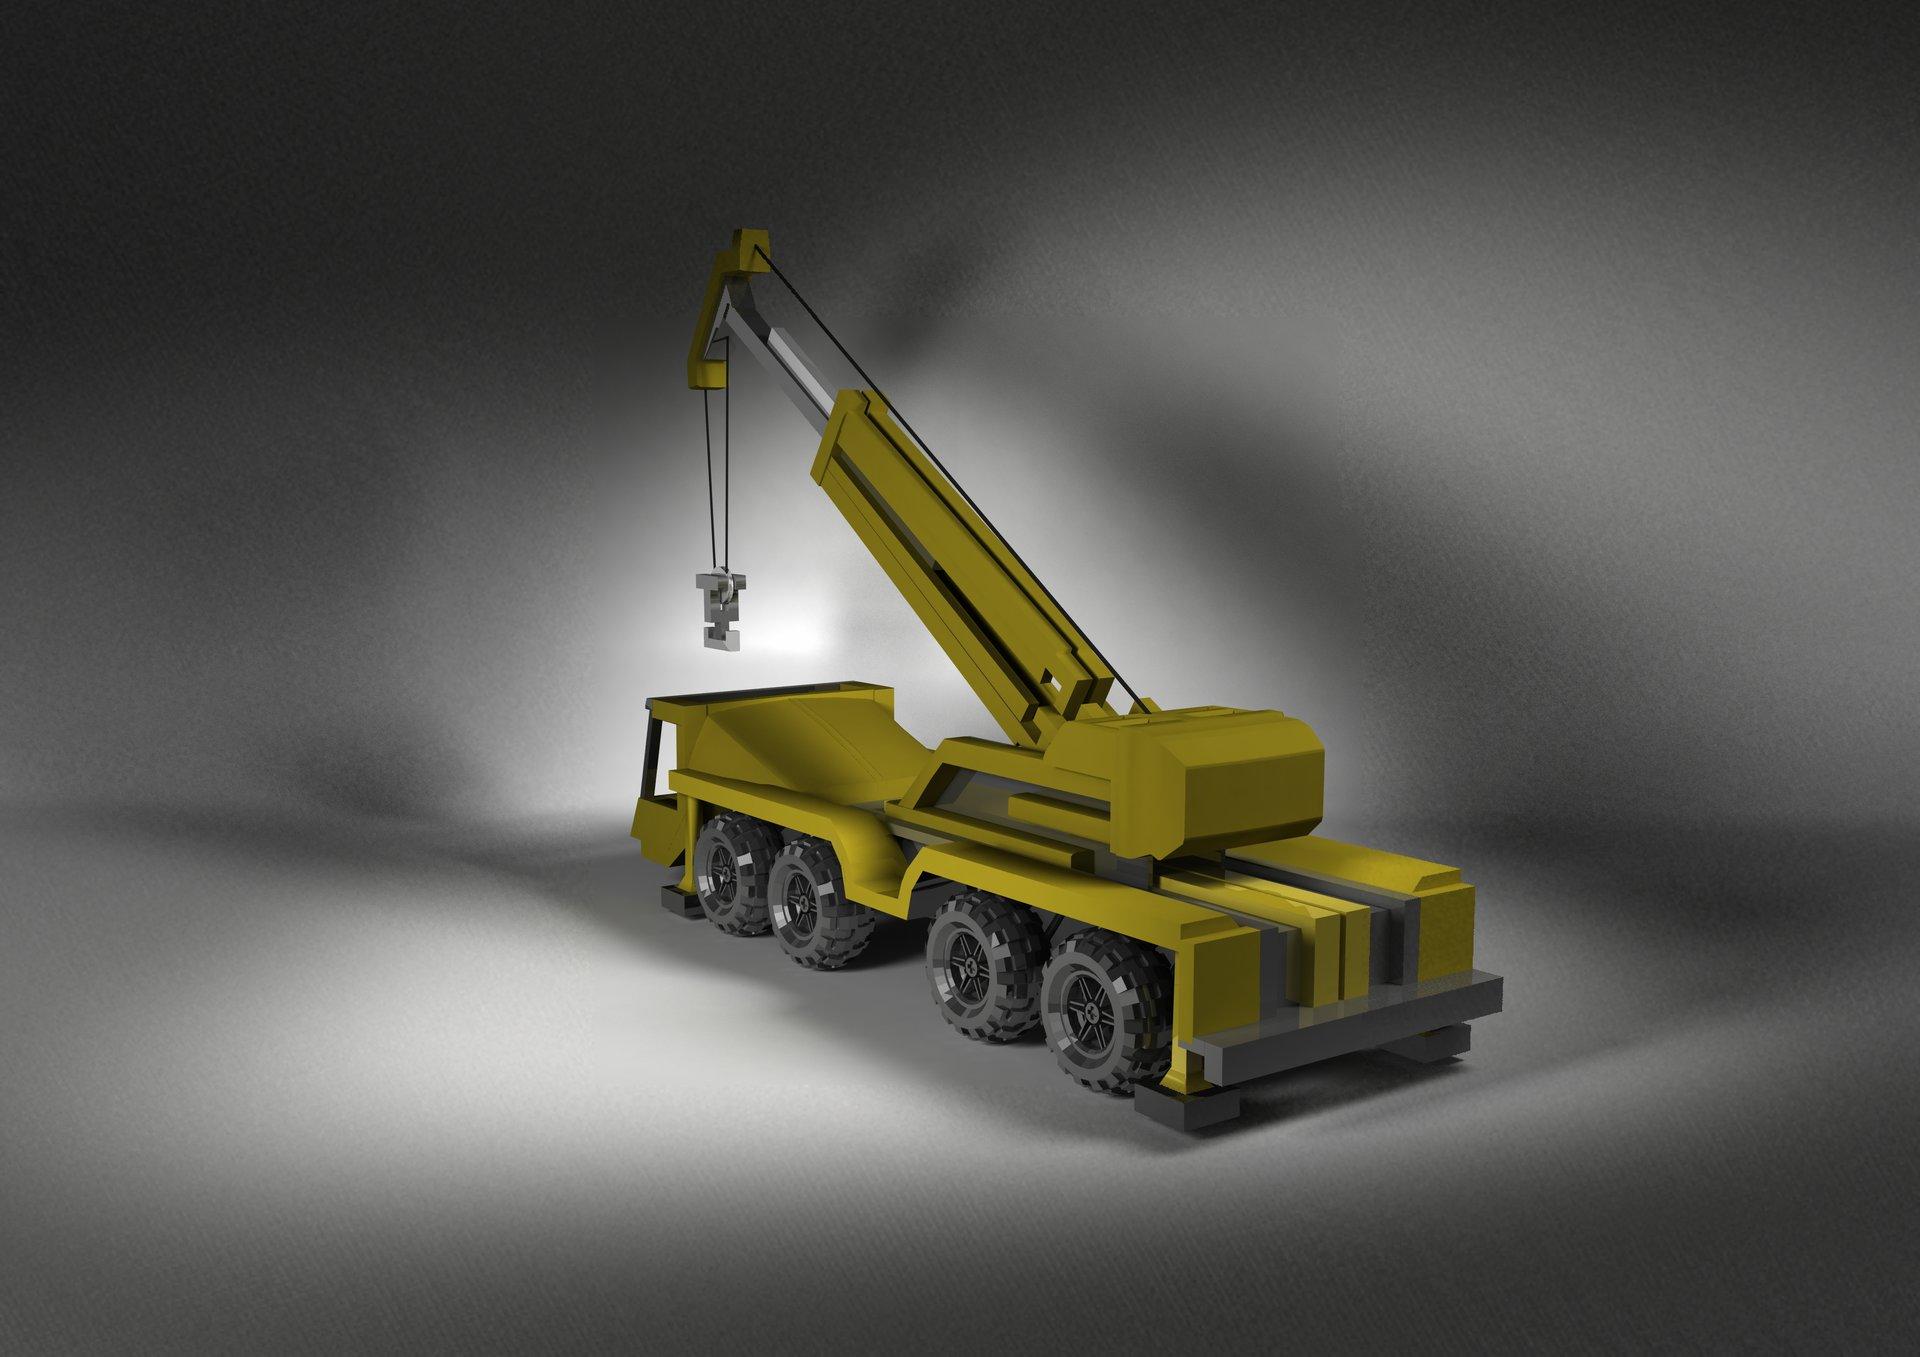 Harry Yeomans - Lego Crane 3D Model